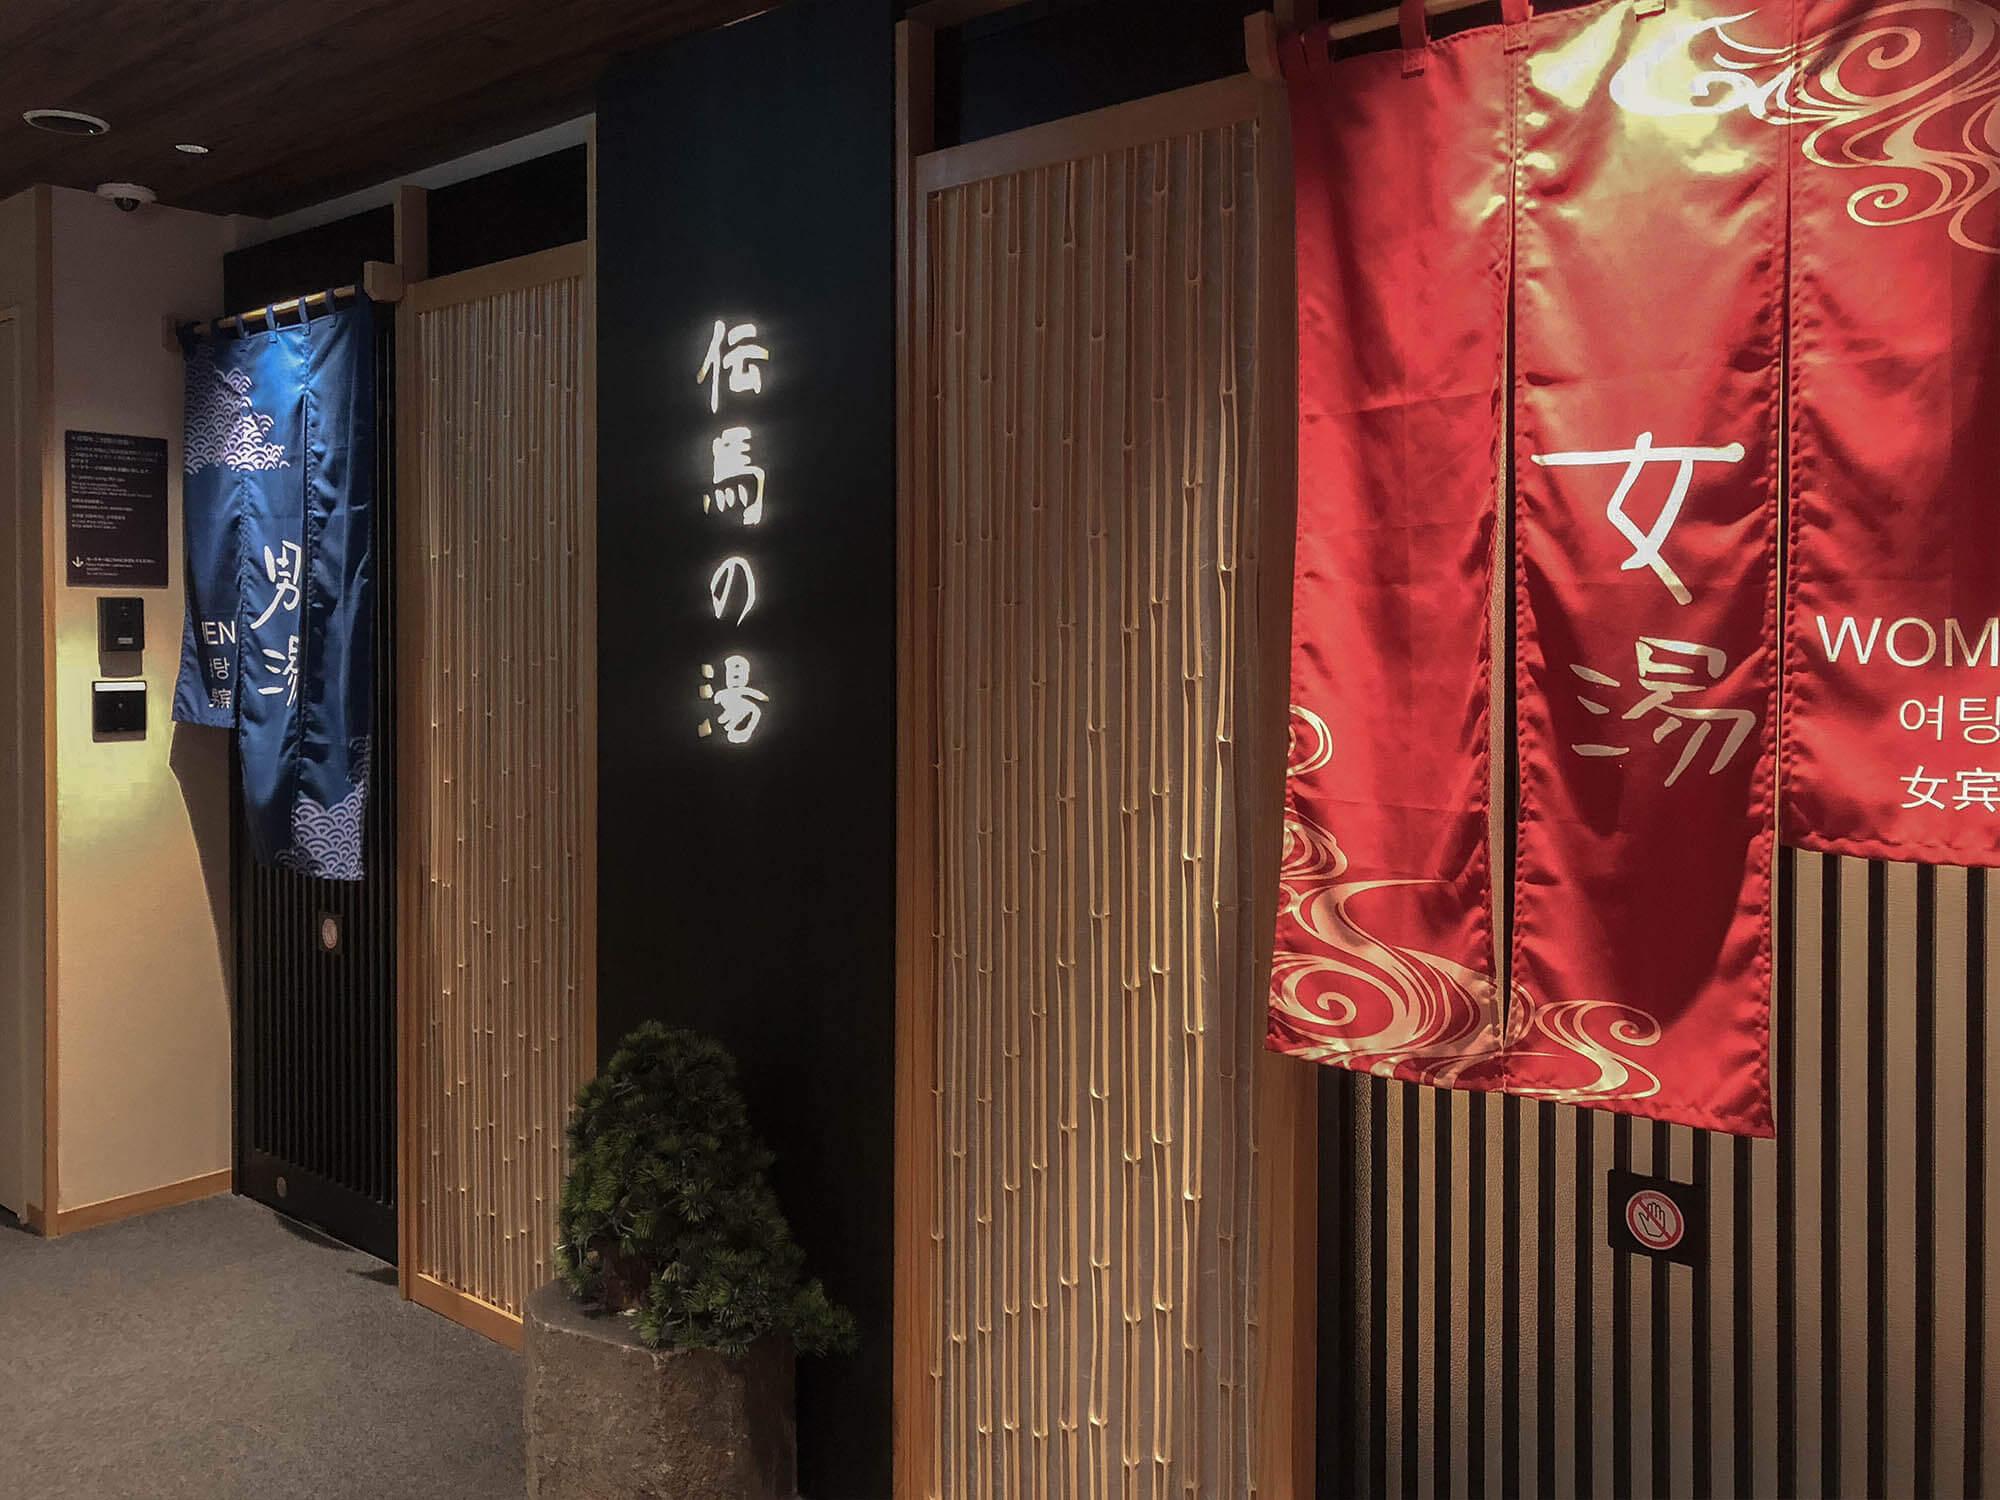 Dormyinn日本橋_大眾浴池1